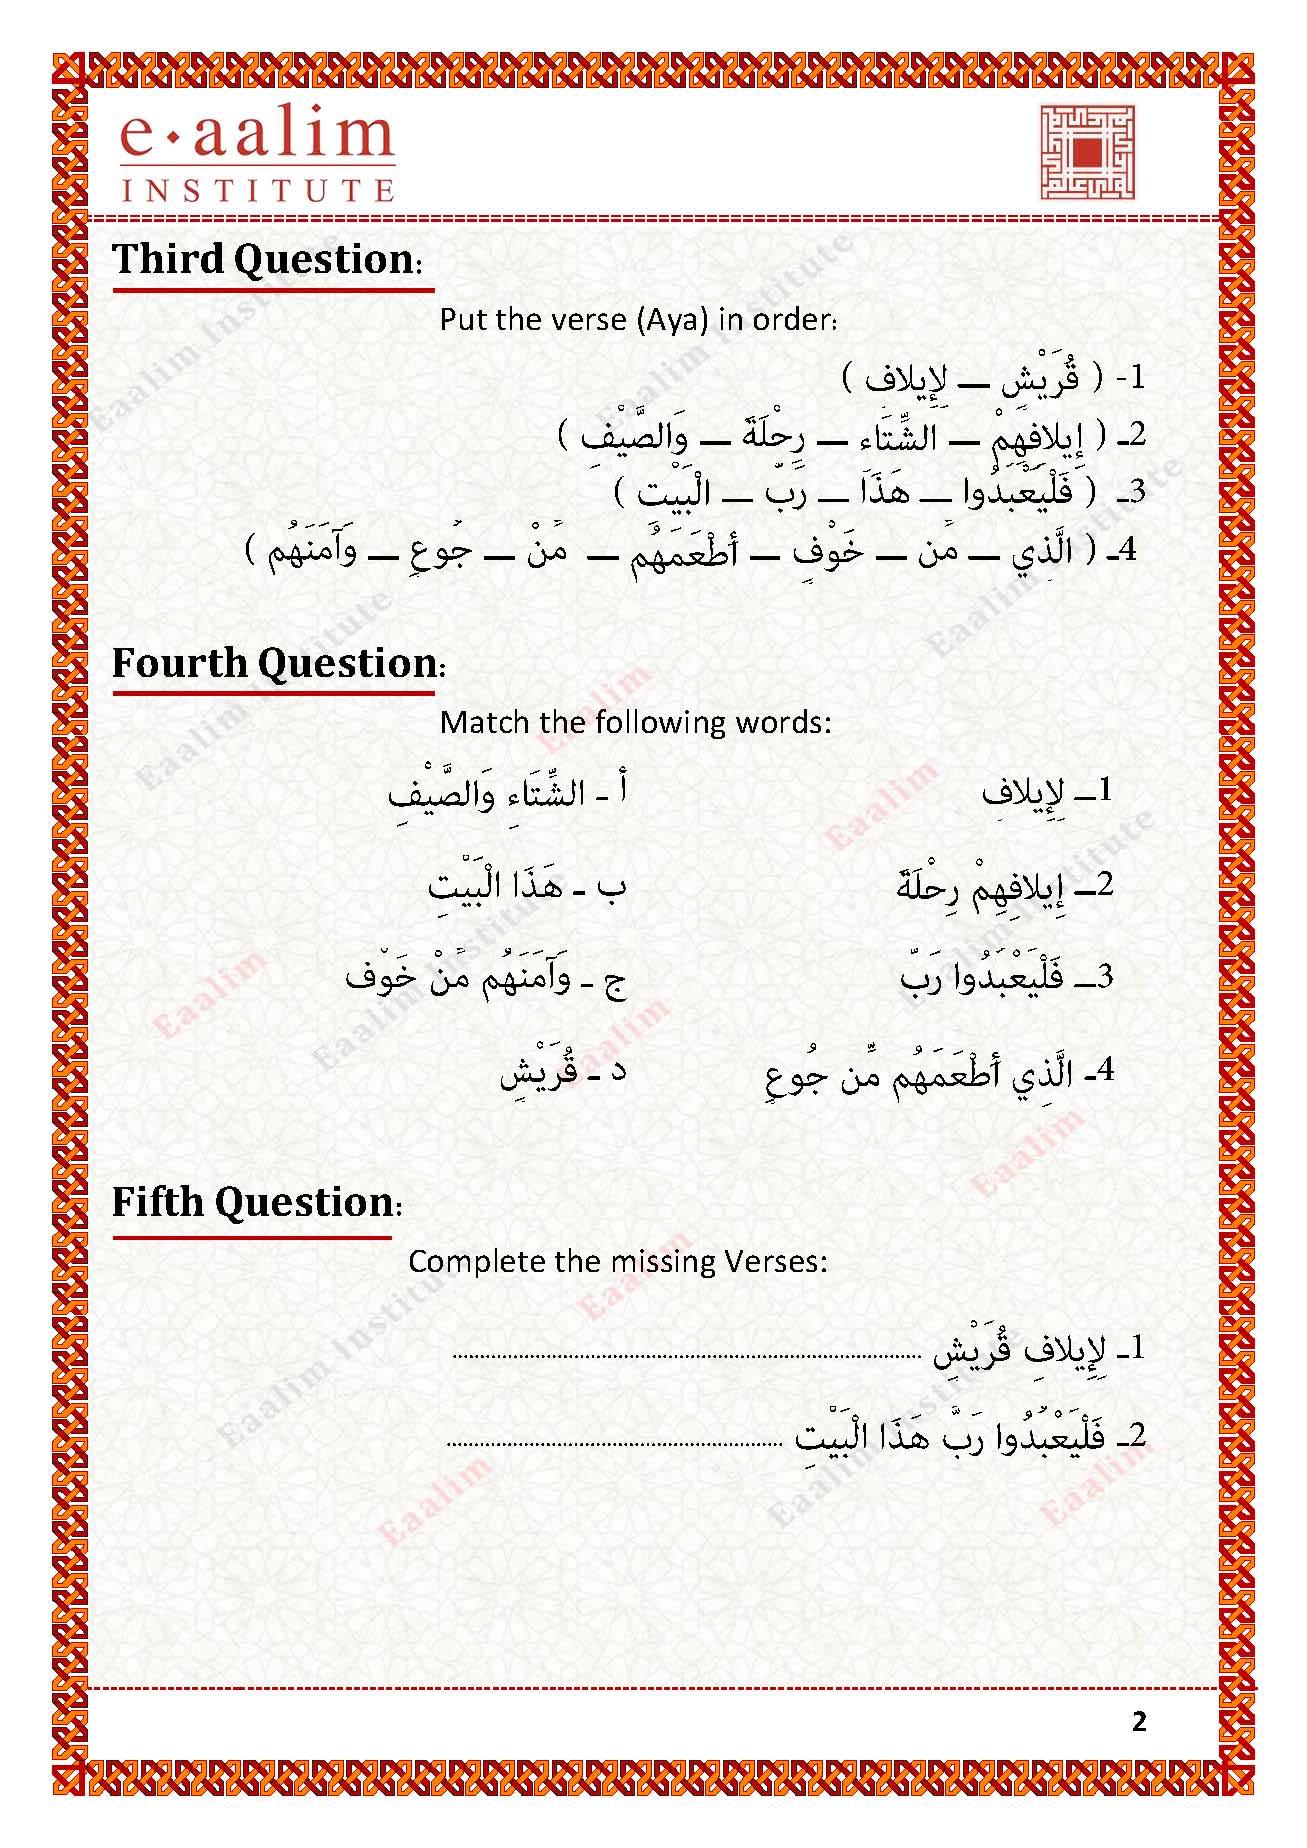 Quraish